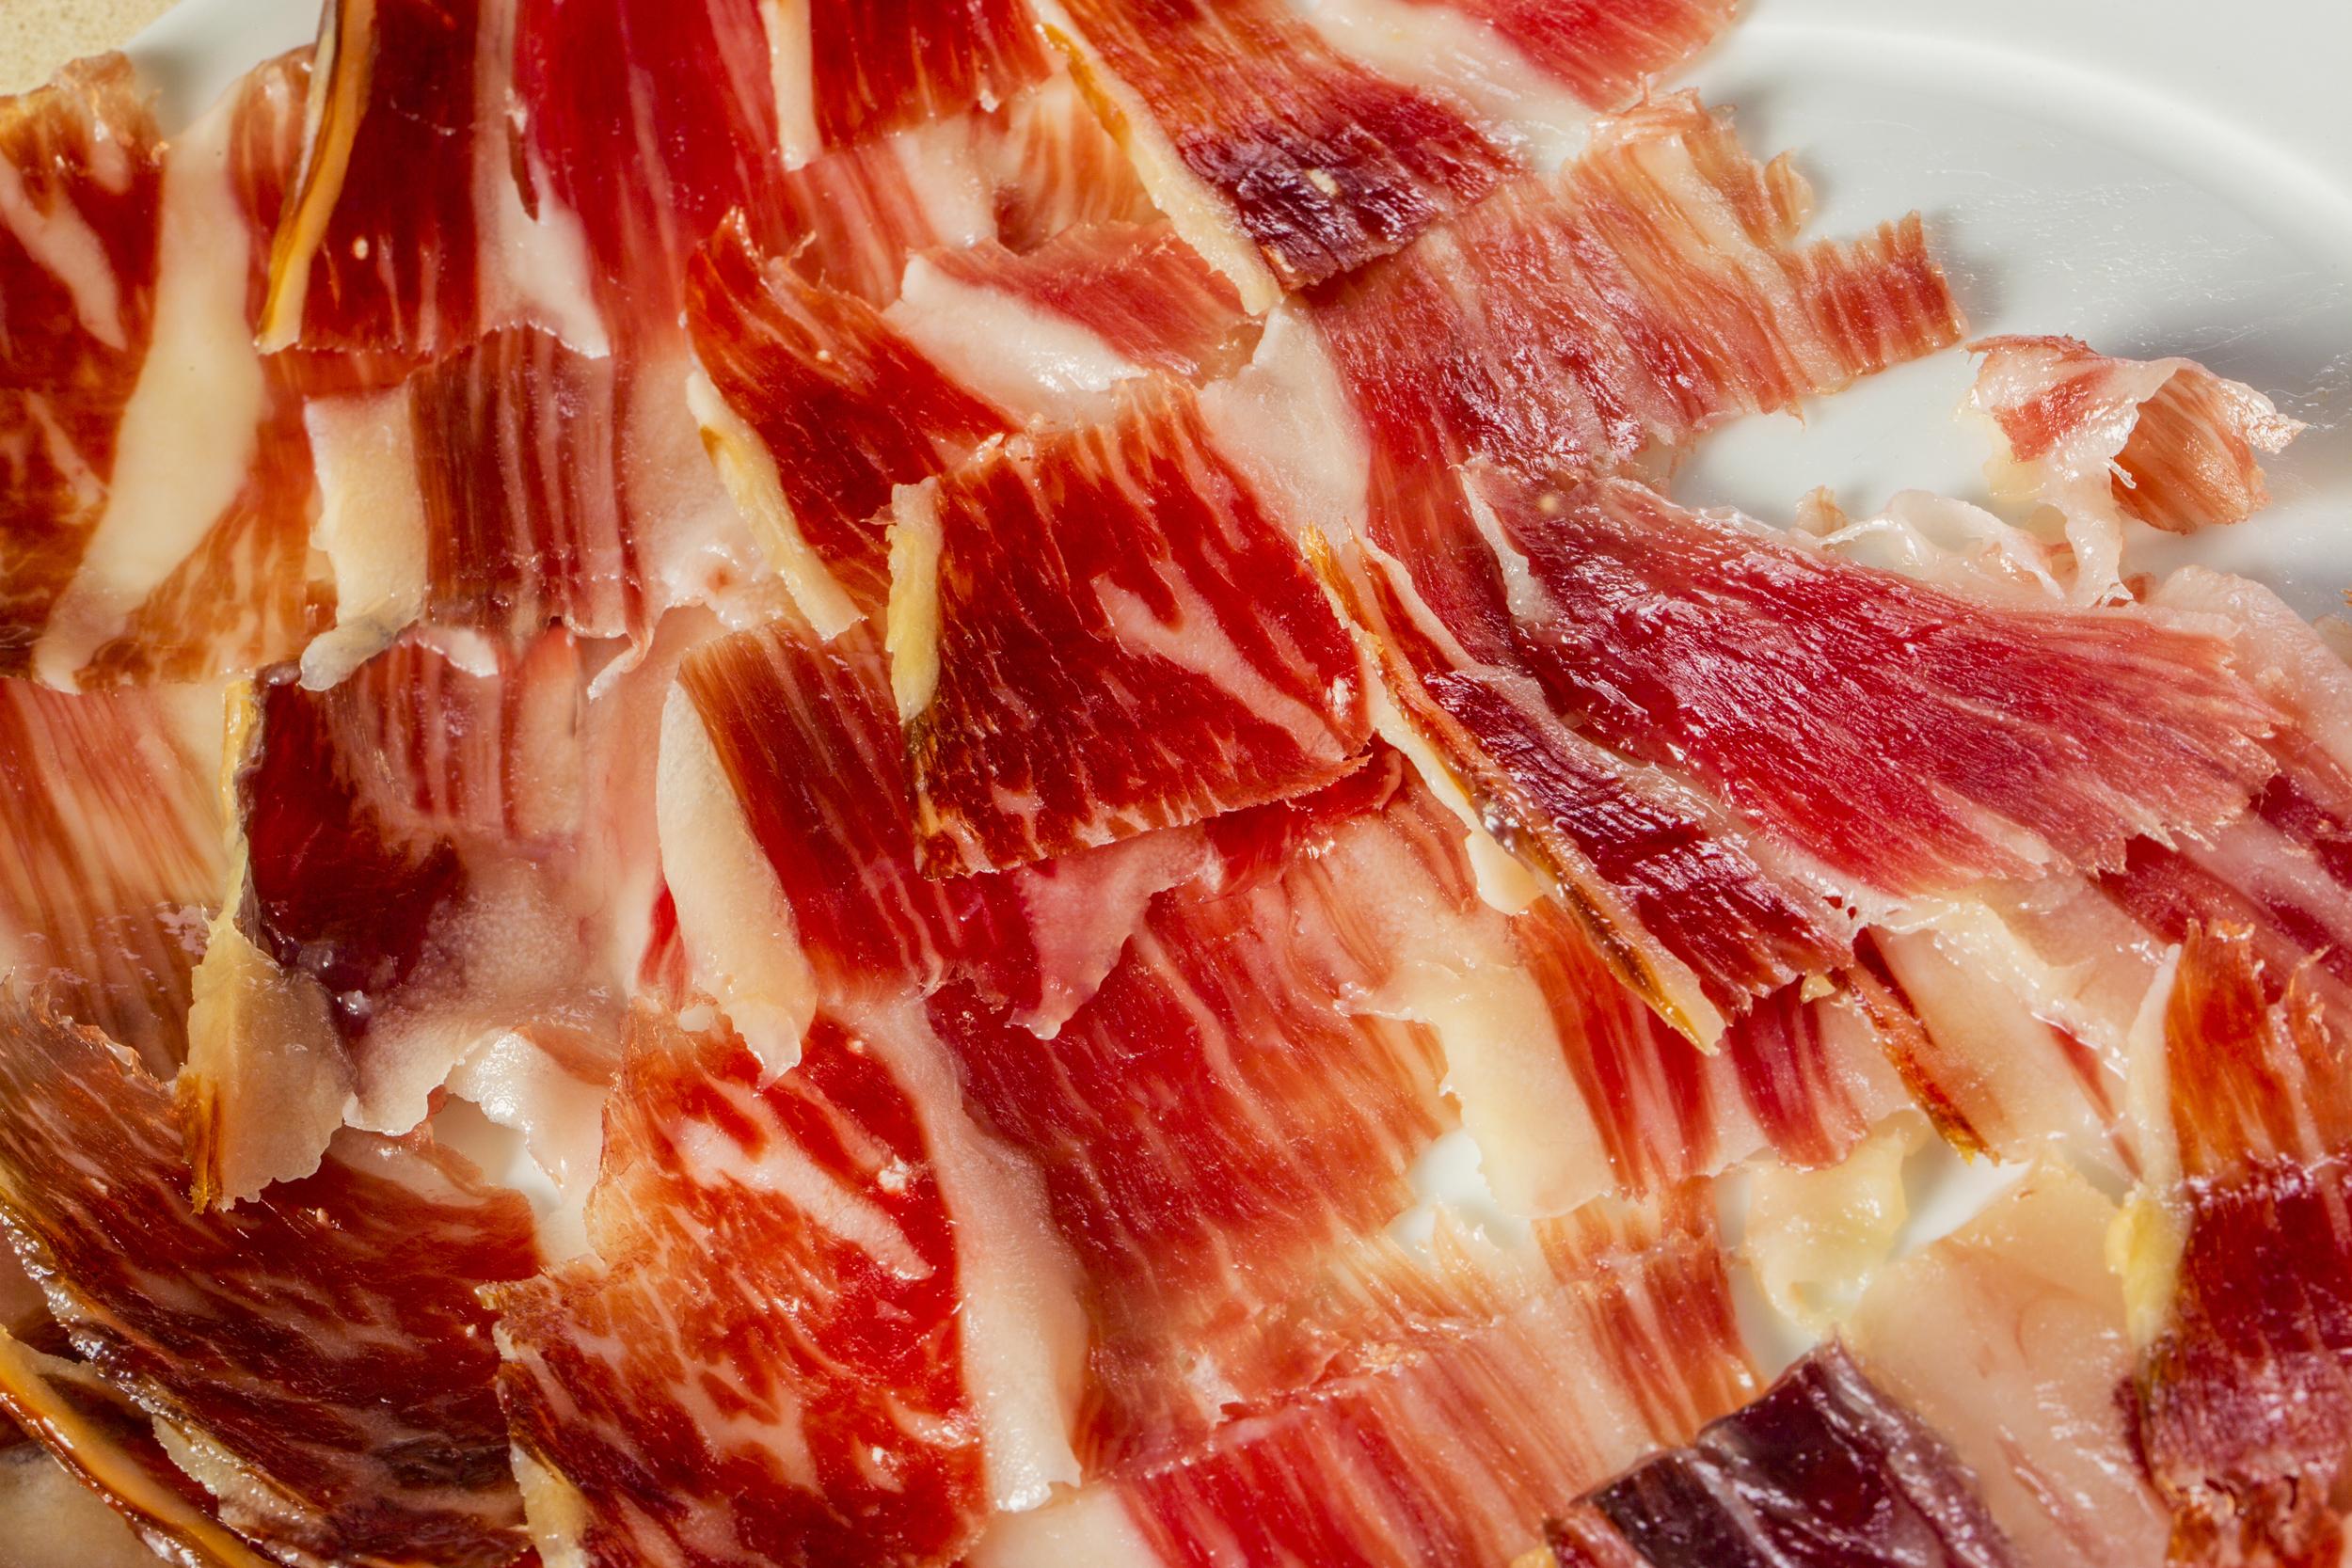 Degustación de jamón ibérico de bellota